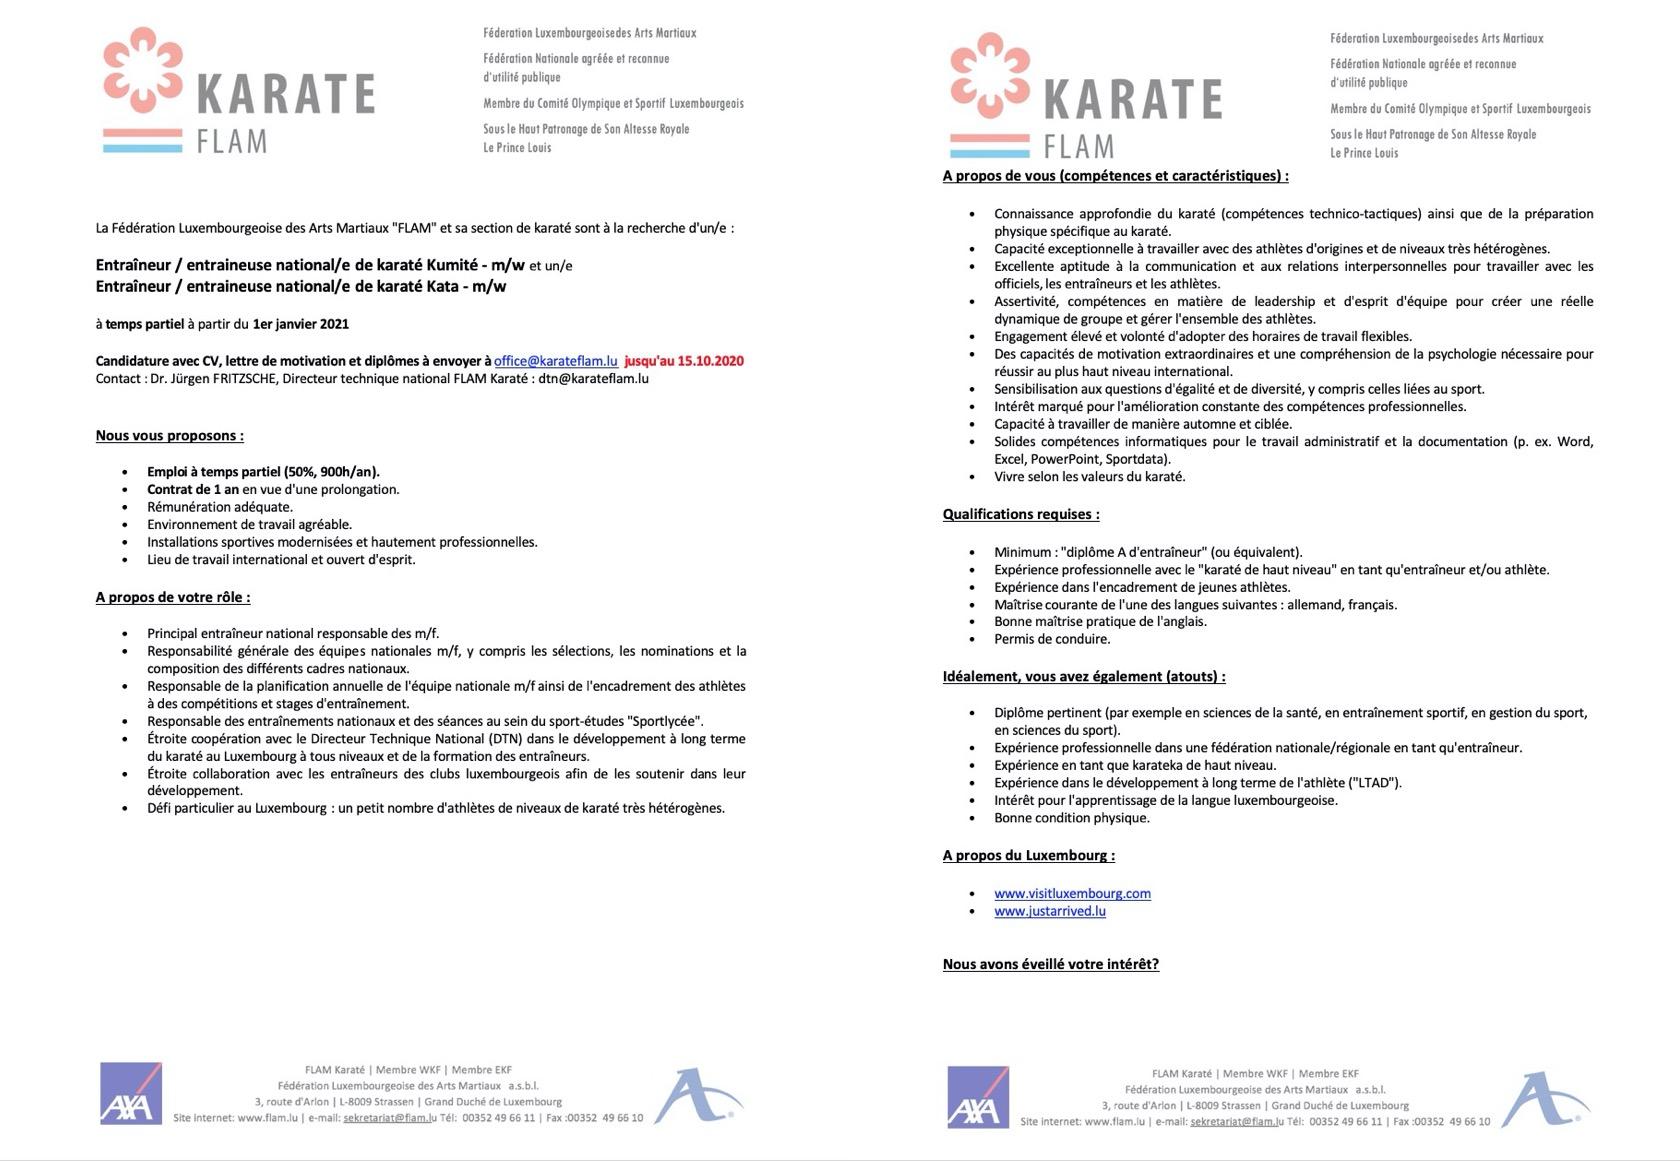 Recherche - Entraîneur / entraineuse national/e de karaté Kumité - m/w et un/e Entraîneur / entraineuse national/e de karaté Kata - m/w